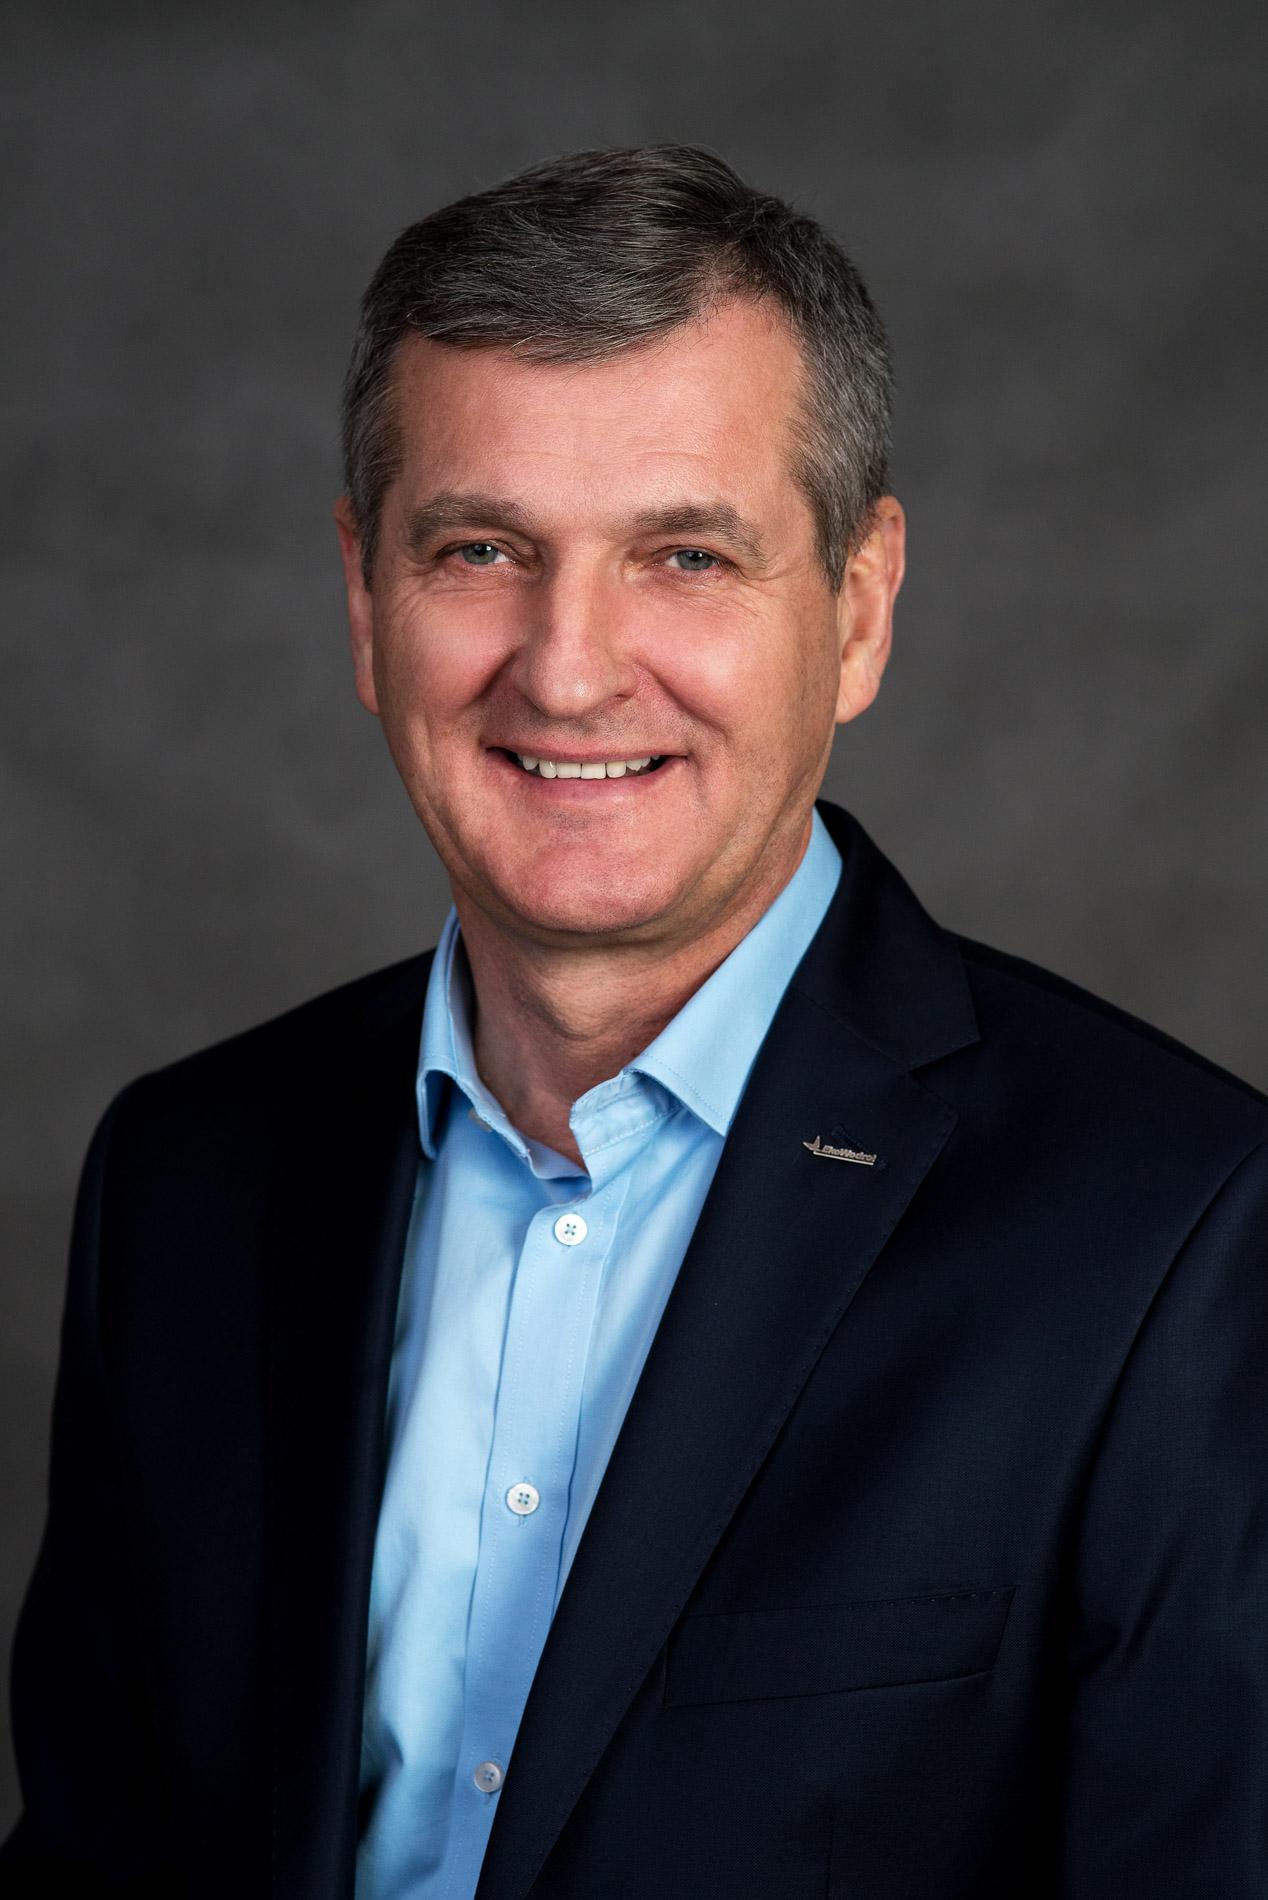 Wiceprezes Zbigniew Chudzik, 25 lat pracy w firmie